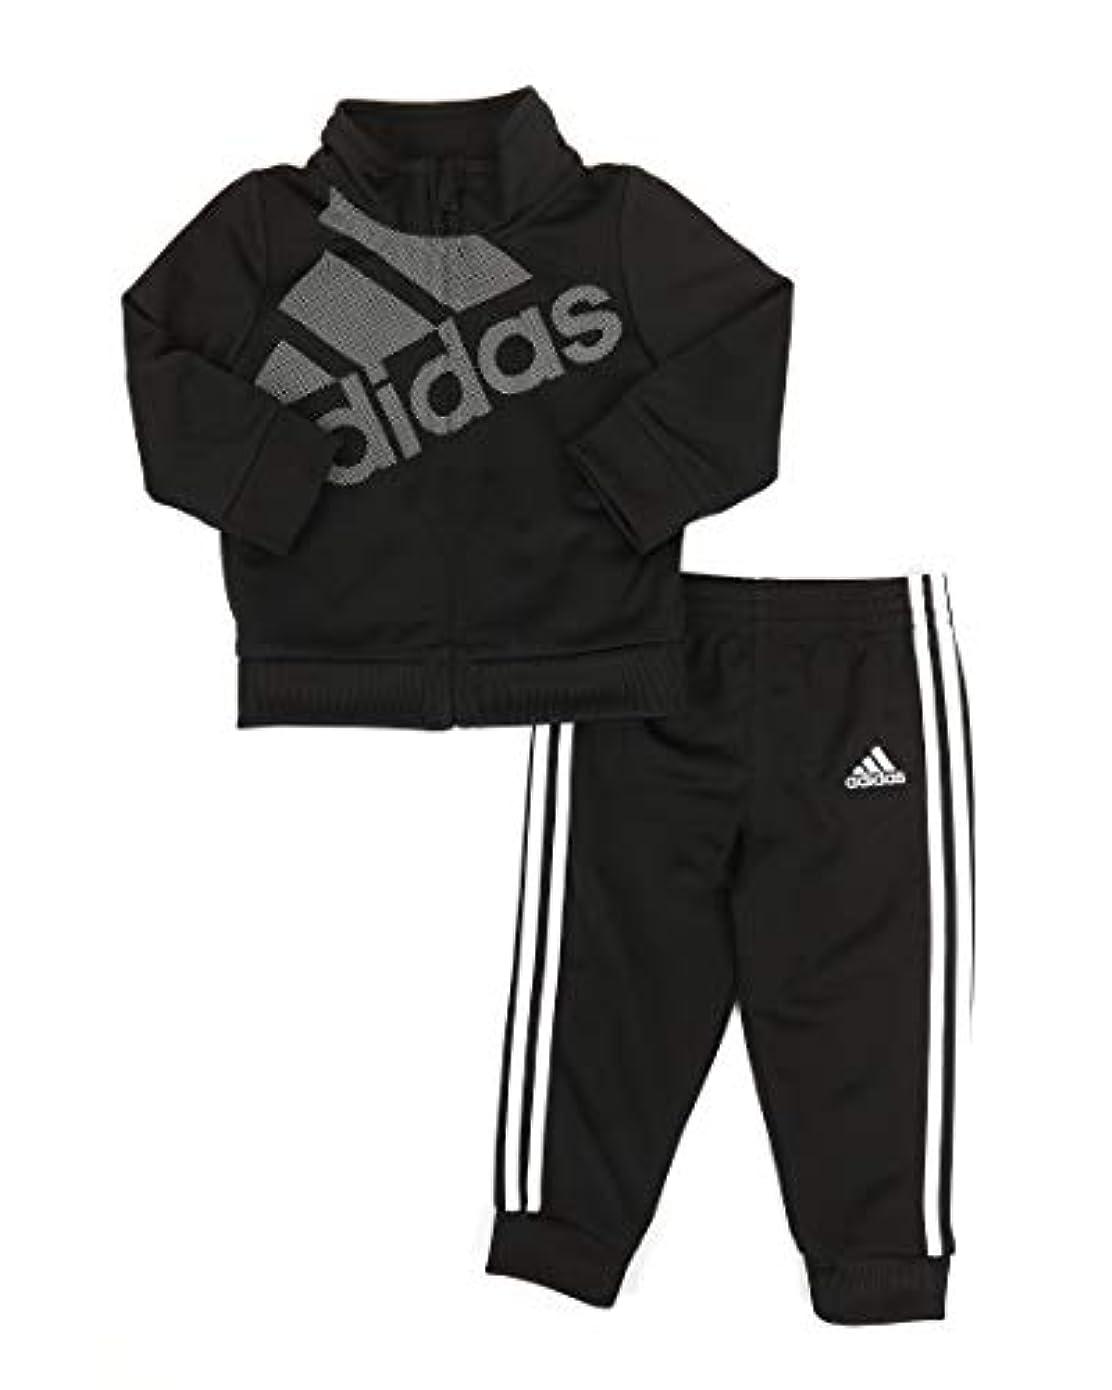 つぶす男らしい赤面Adidas ガールズ トリコット ジップ ジャケットとパンツセット